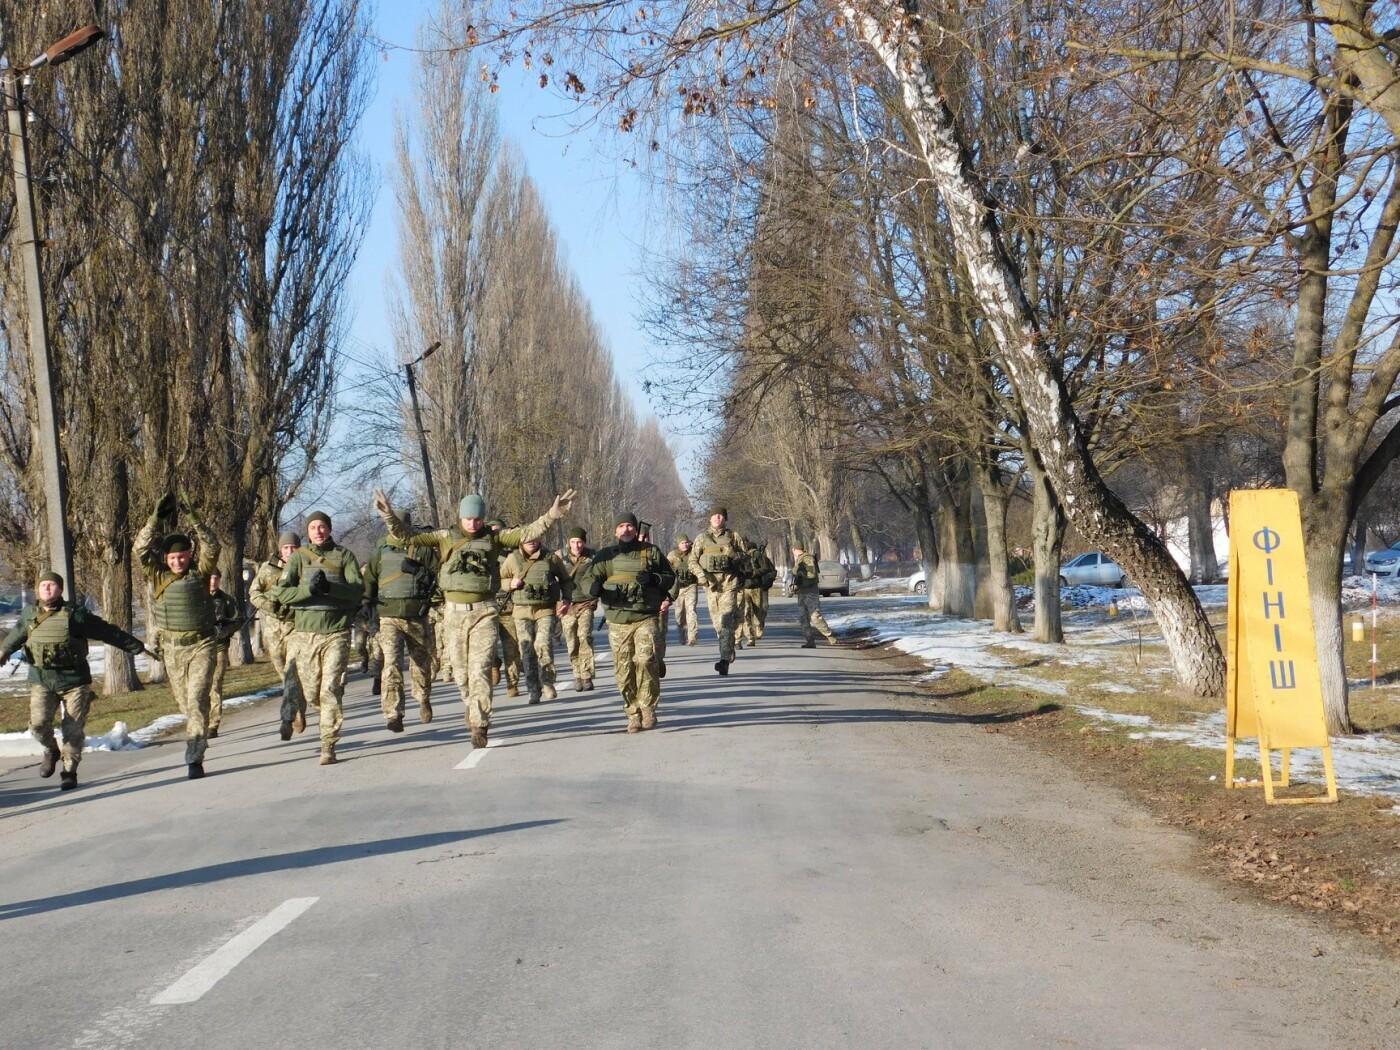 У Кам'янці відбувся 5-кілометровий марш-кидок зі штатною зброєю з нагоди річниці ЗСУ, фото-8, Фото: Центр розмінування